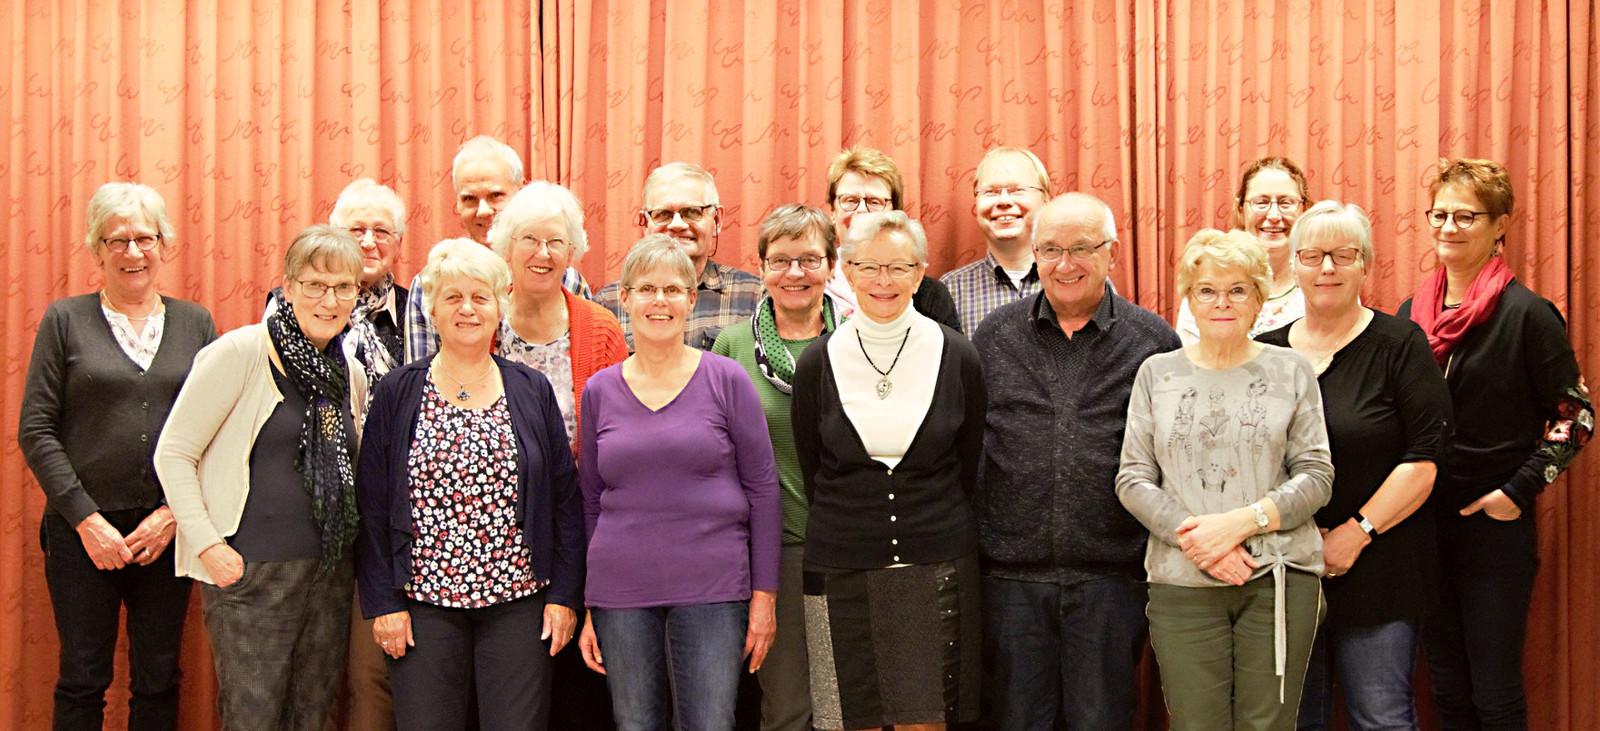 De vrijwilligers achter de kerstpakkettenactie van de Berkellandse kerken.